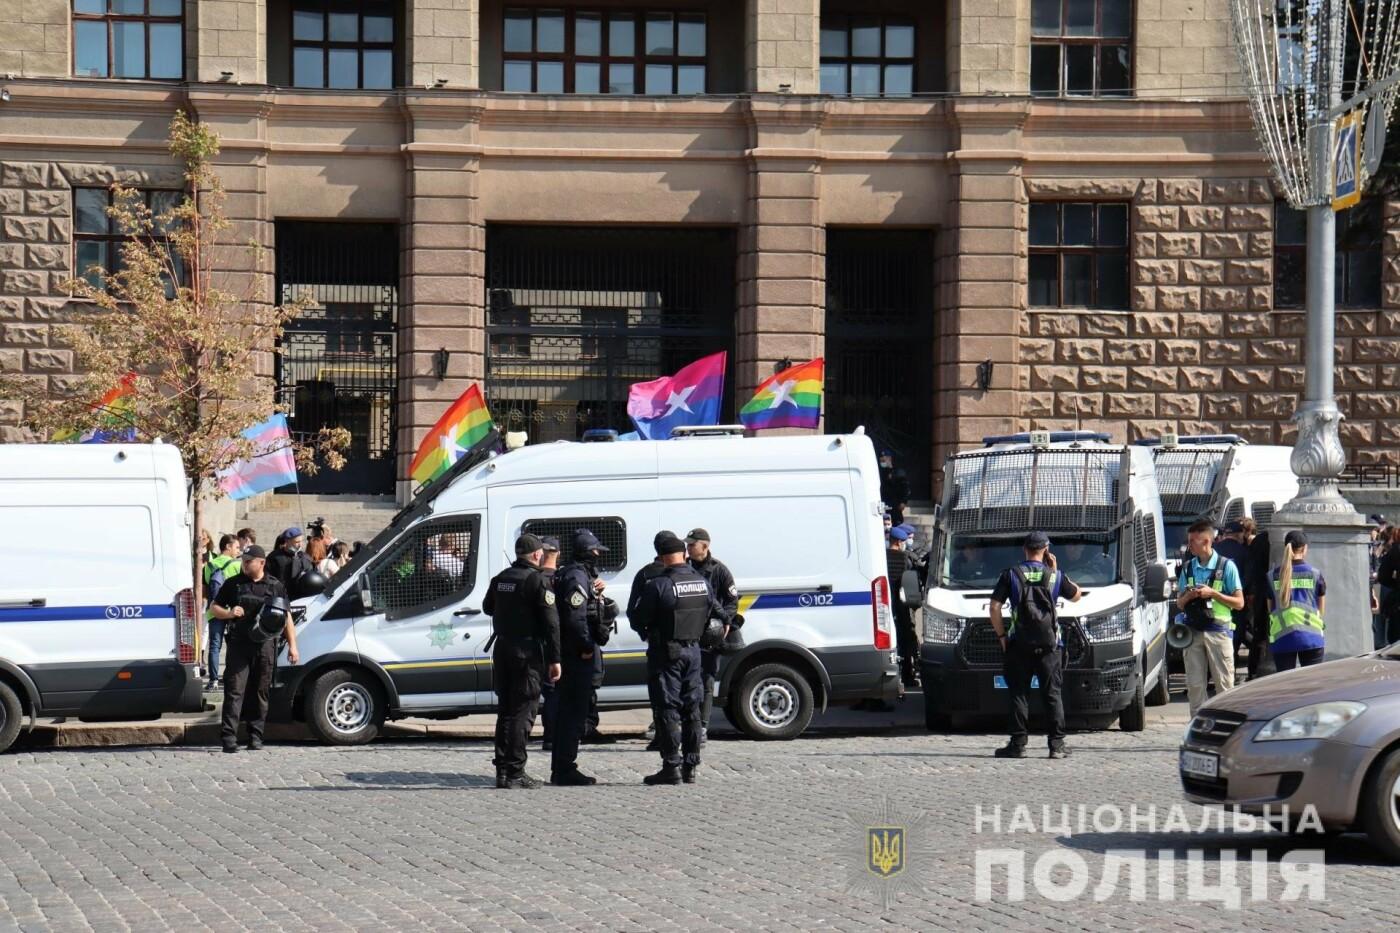 ЛГБТ-марш в центре Харькова: участников события охраняли более 1,2 тысячи силовиков с 40 единицами спецтехники, - ФОТО, фото-5